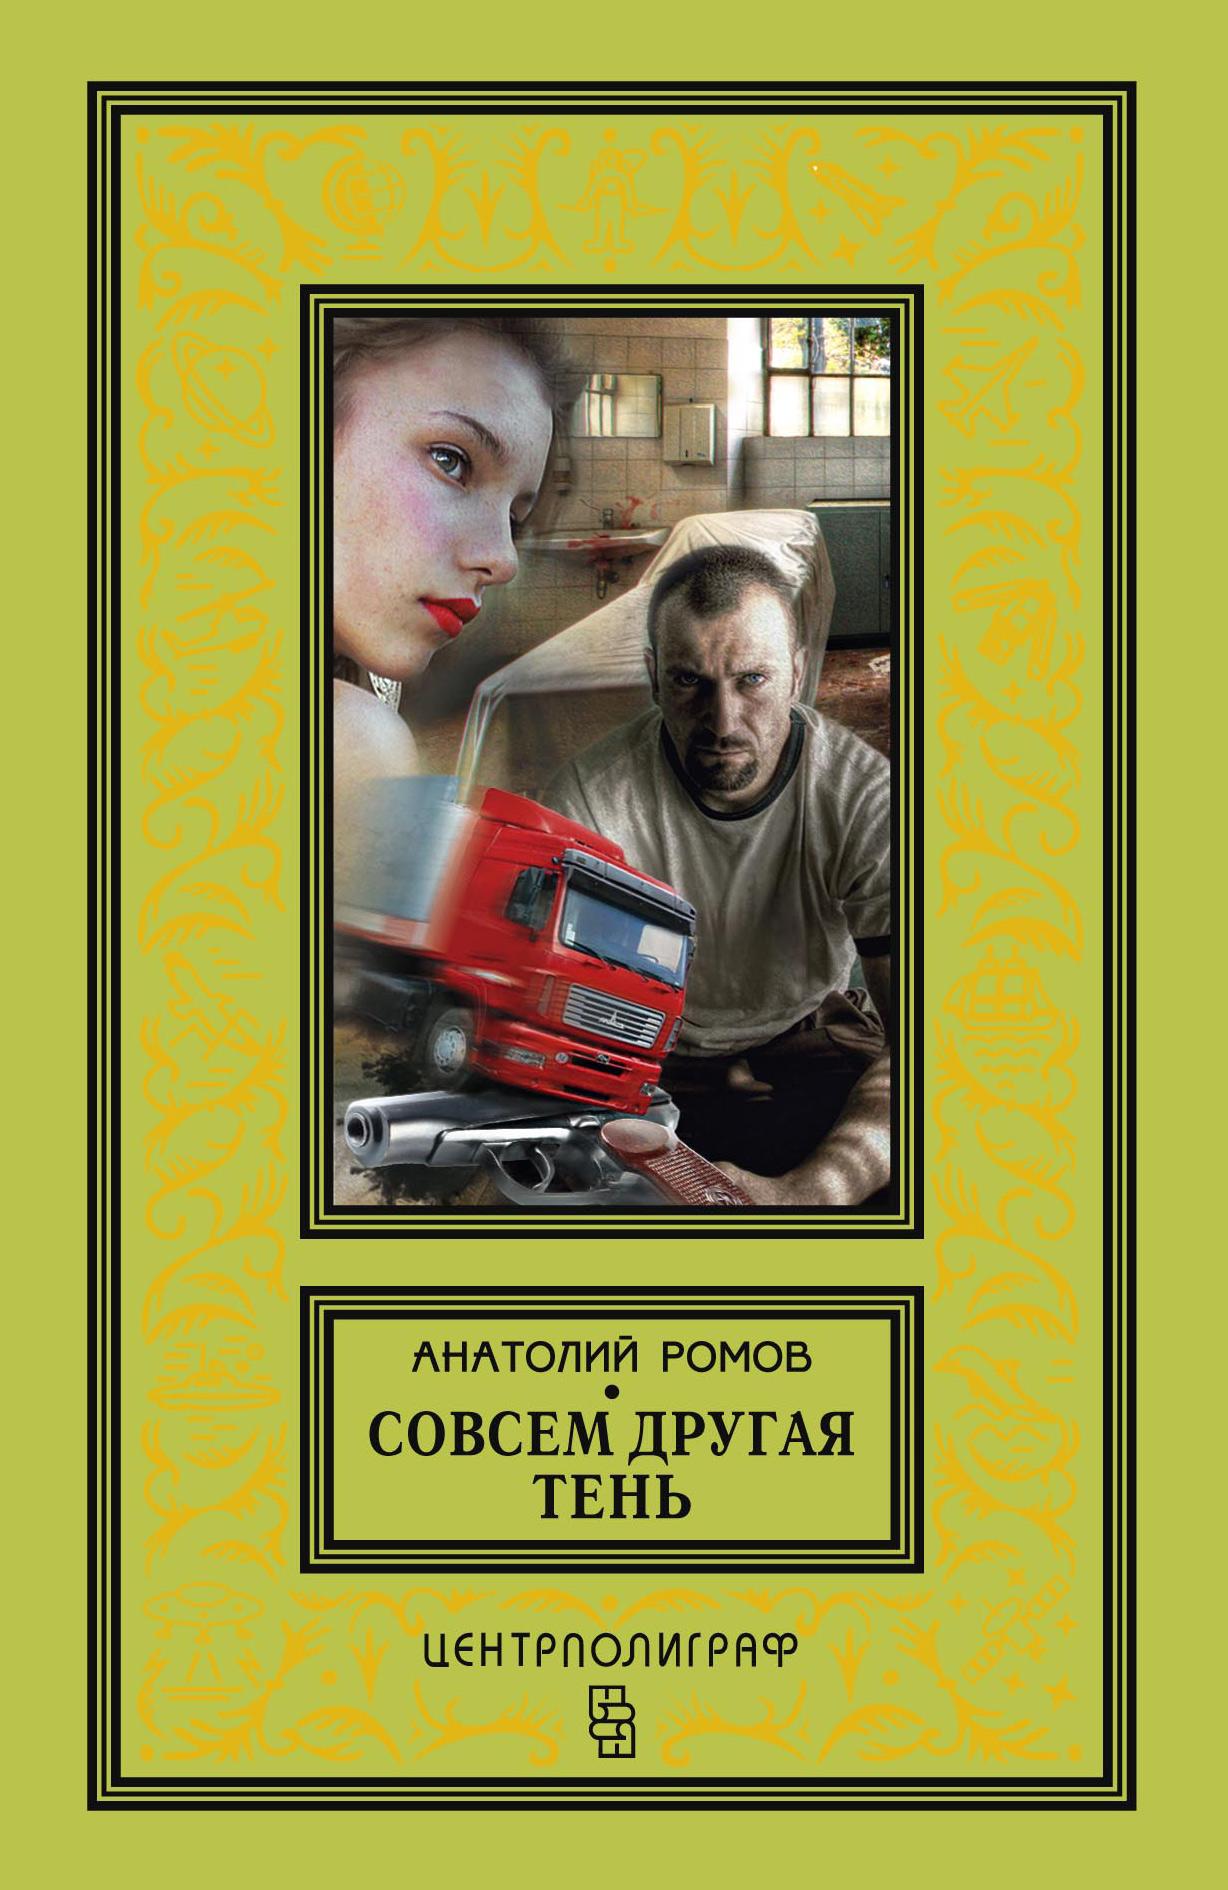 Анатолий Ромов Совсем другая тень анатолий ромов совсем другая тень